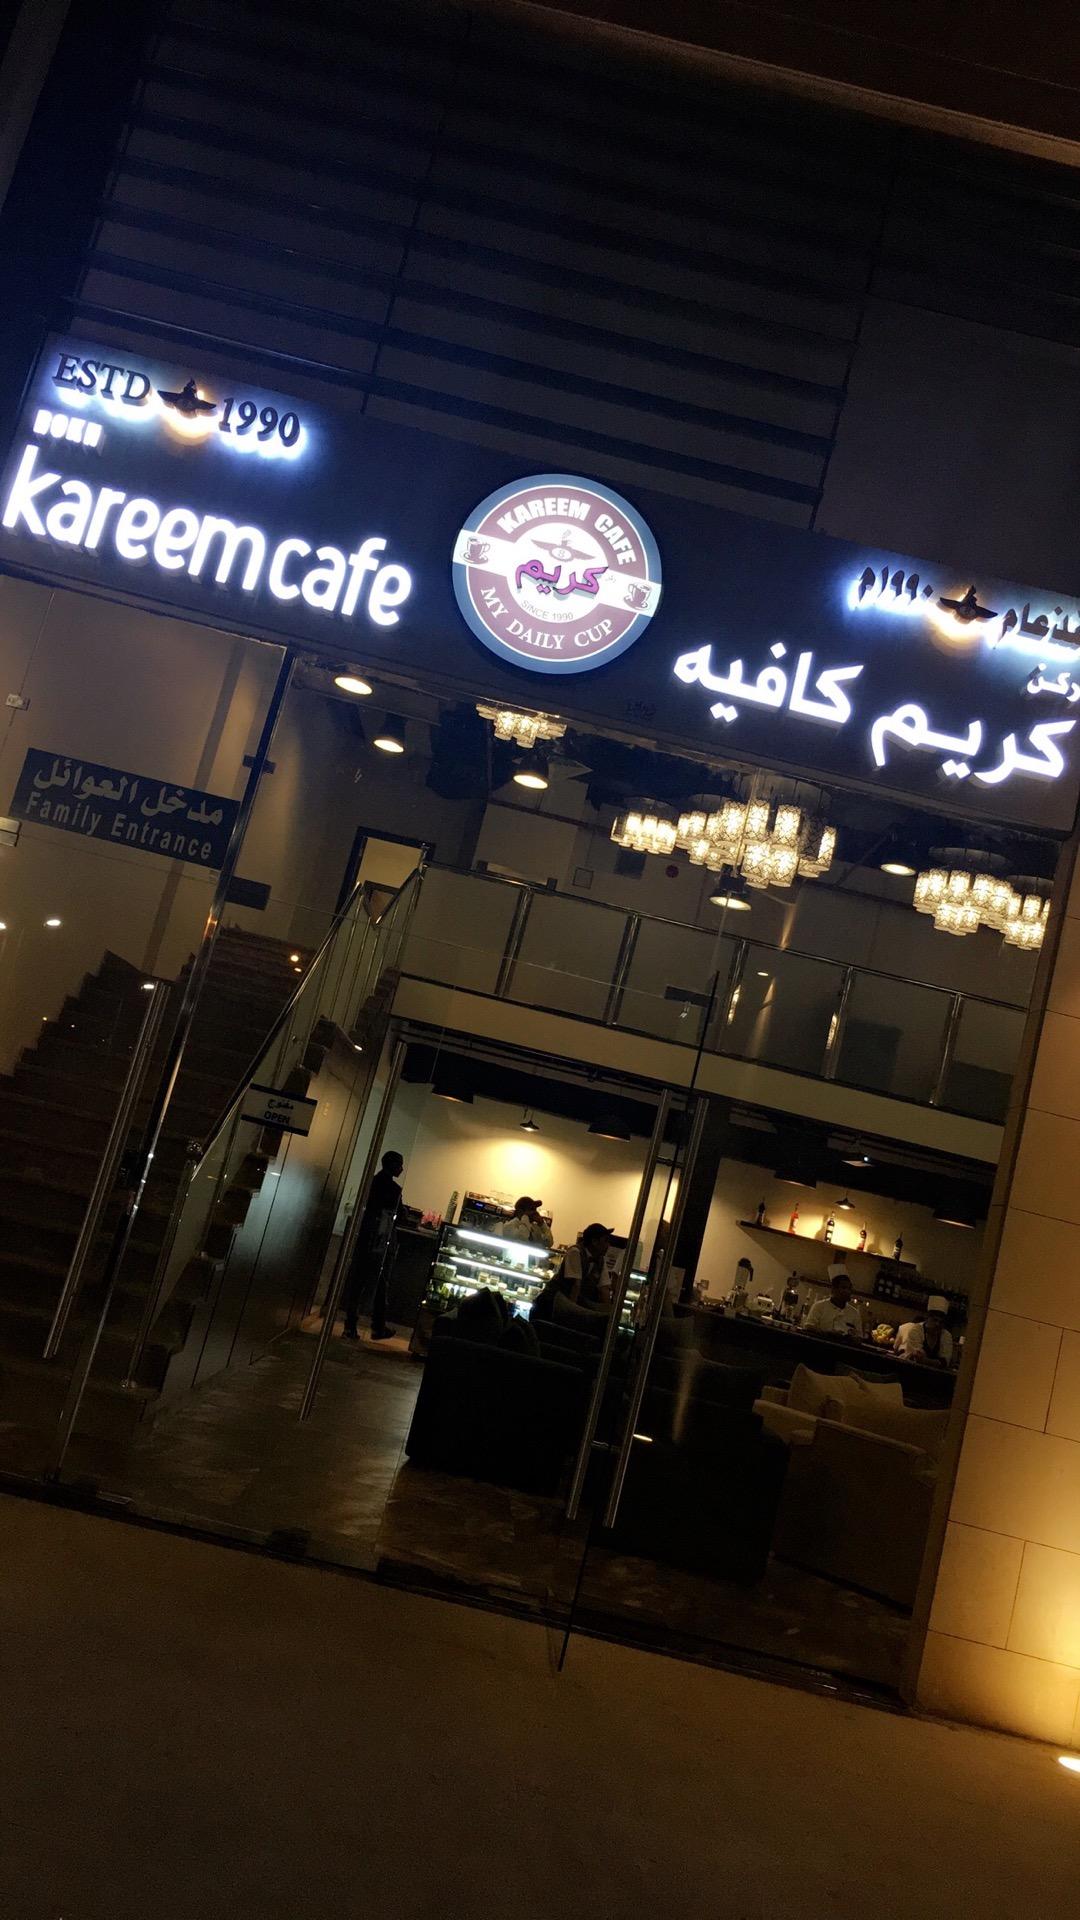 أسعار منيو ورقم وعنوان فروع كافيه كريم careem cafe